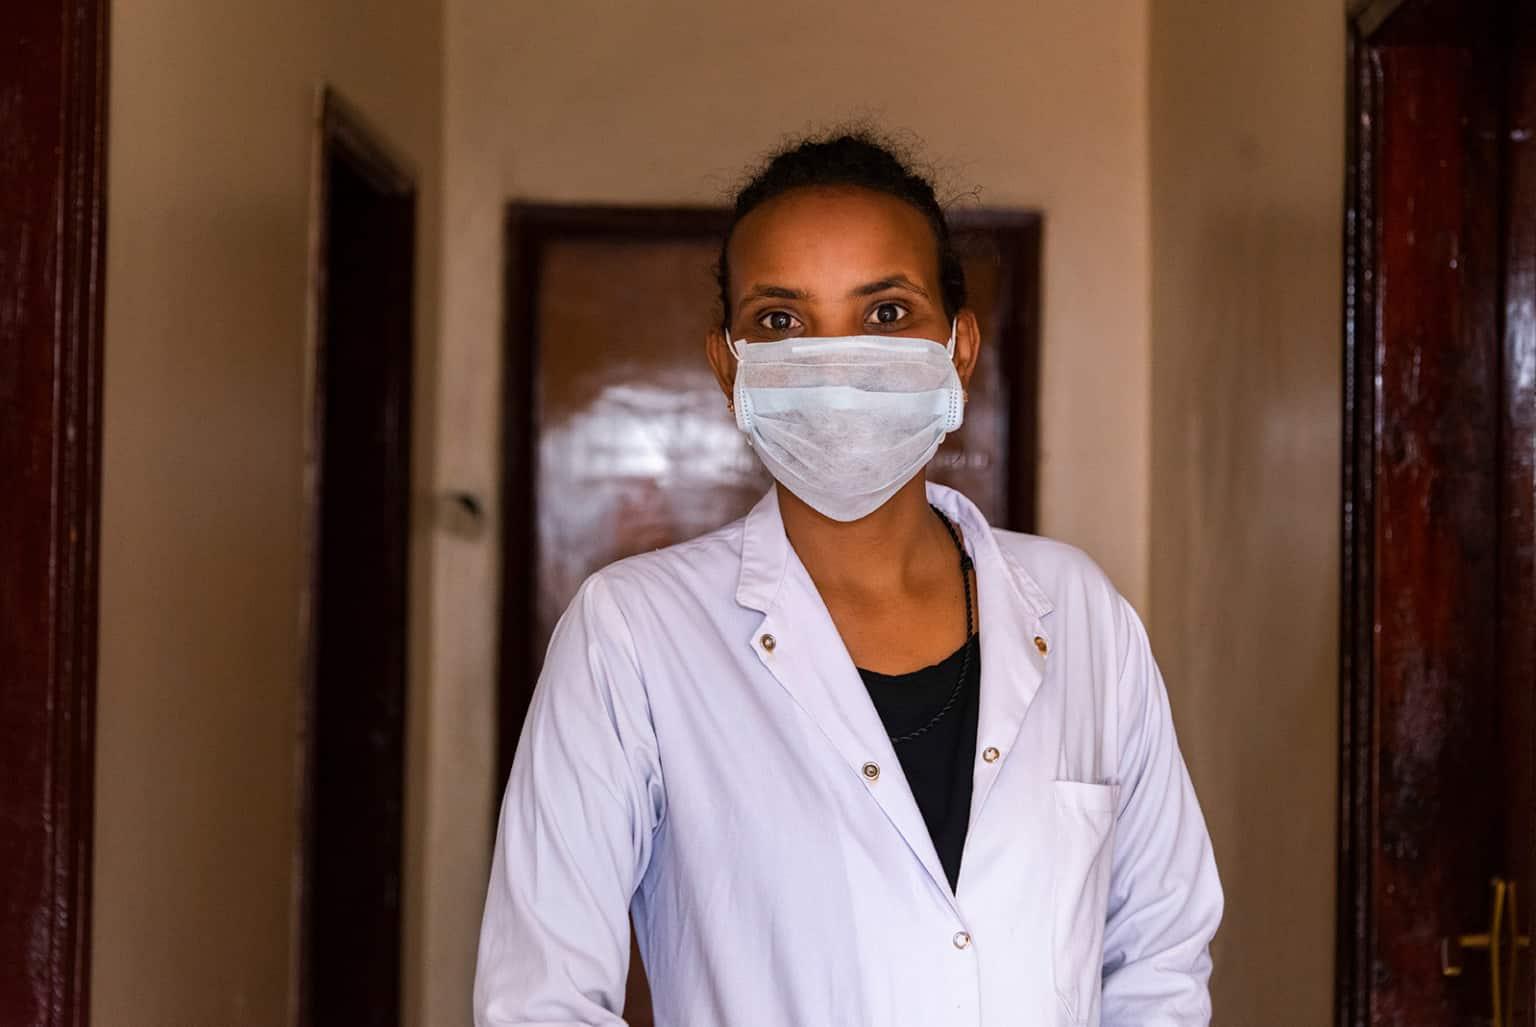 Locusts, disease, and floods plague Ethiopia